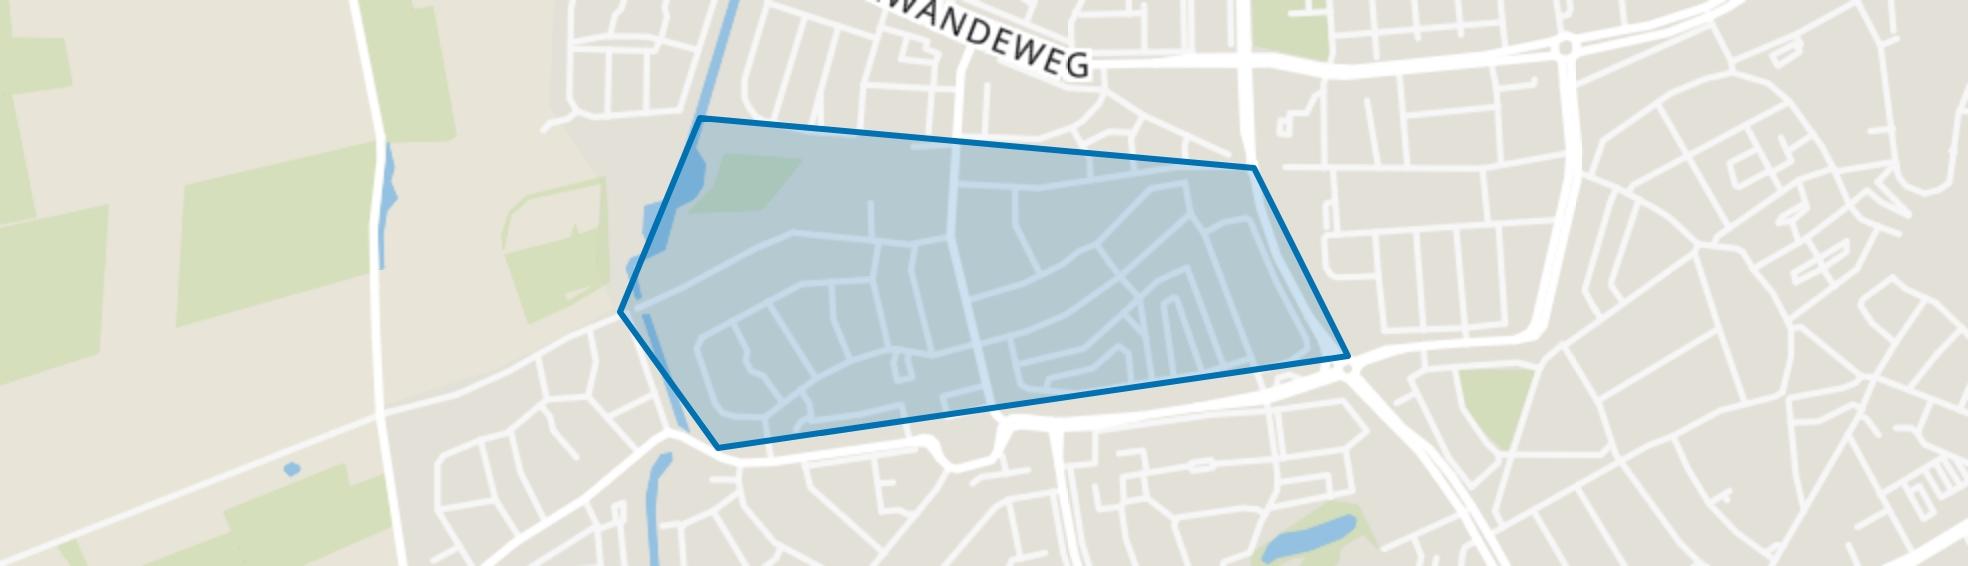 Loovelt, Oss map